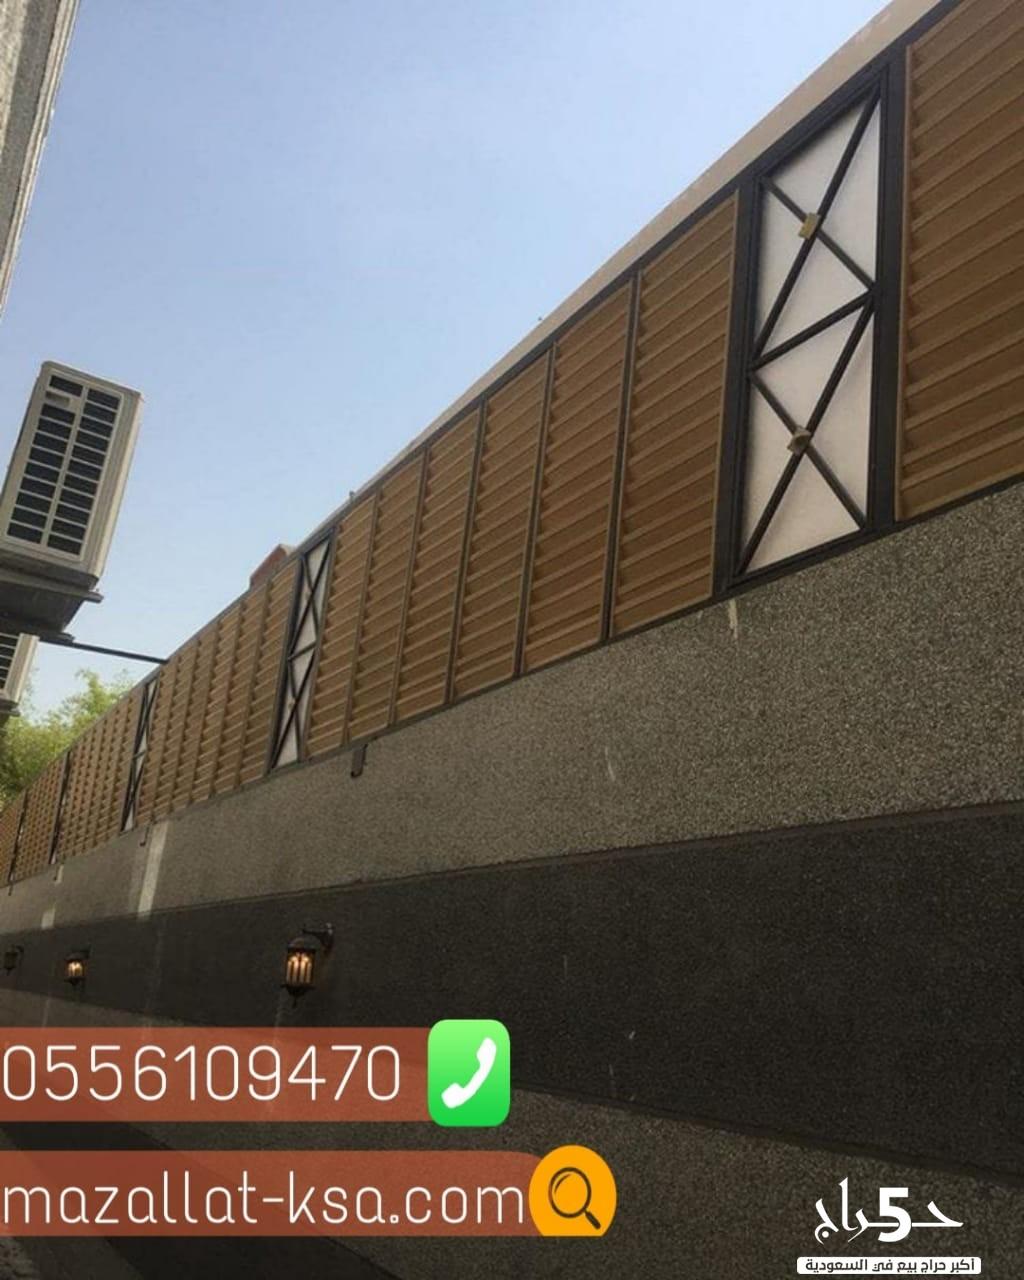 تركيب جميع انواع مظلات و سواتر بالباحه , 0556109470 مظلات خشبية , برجولات خشبية بالطائف,